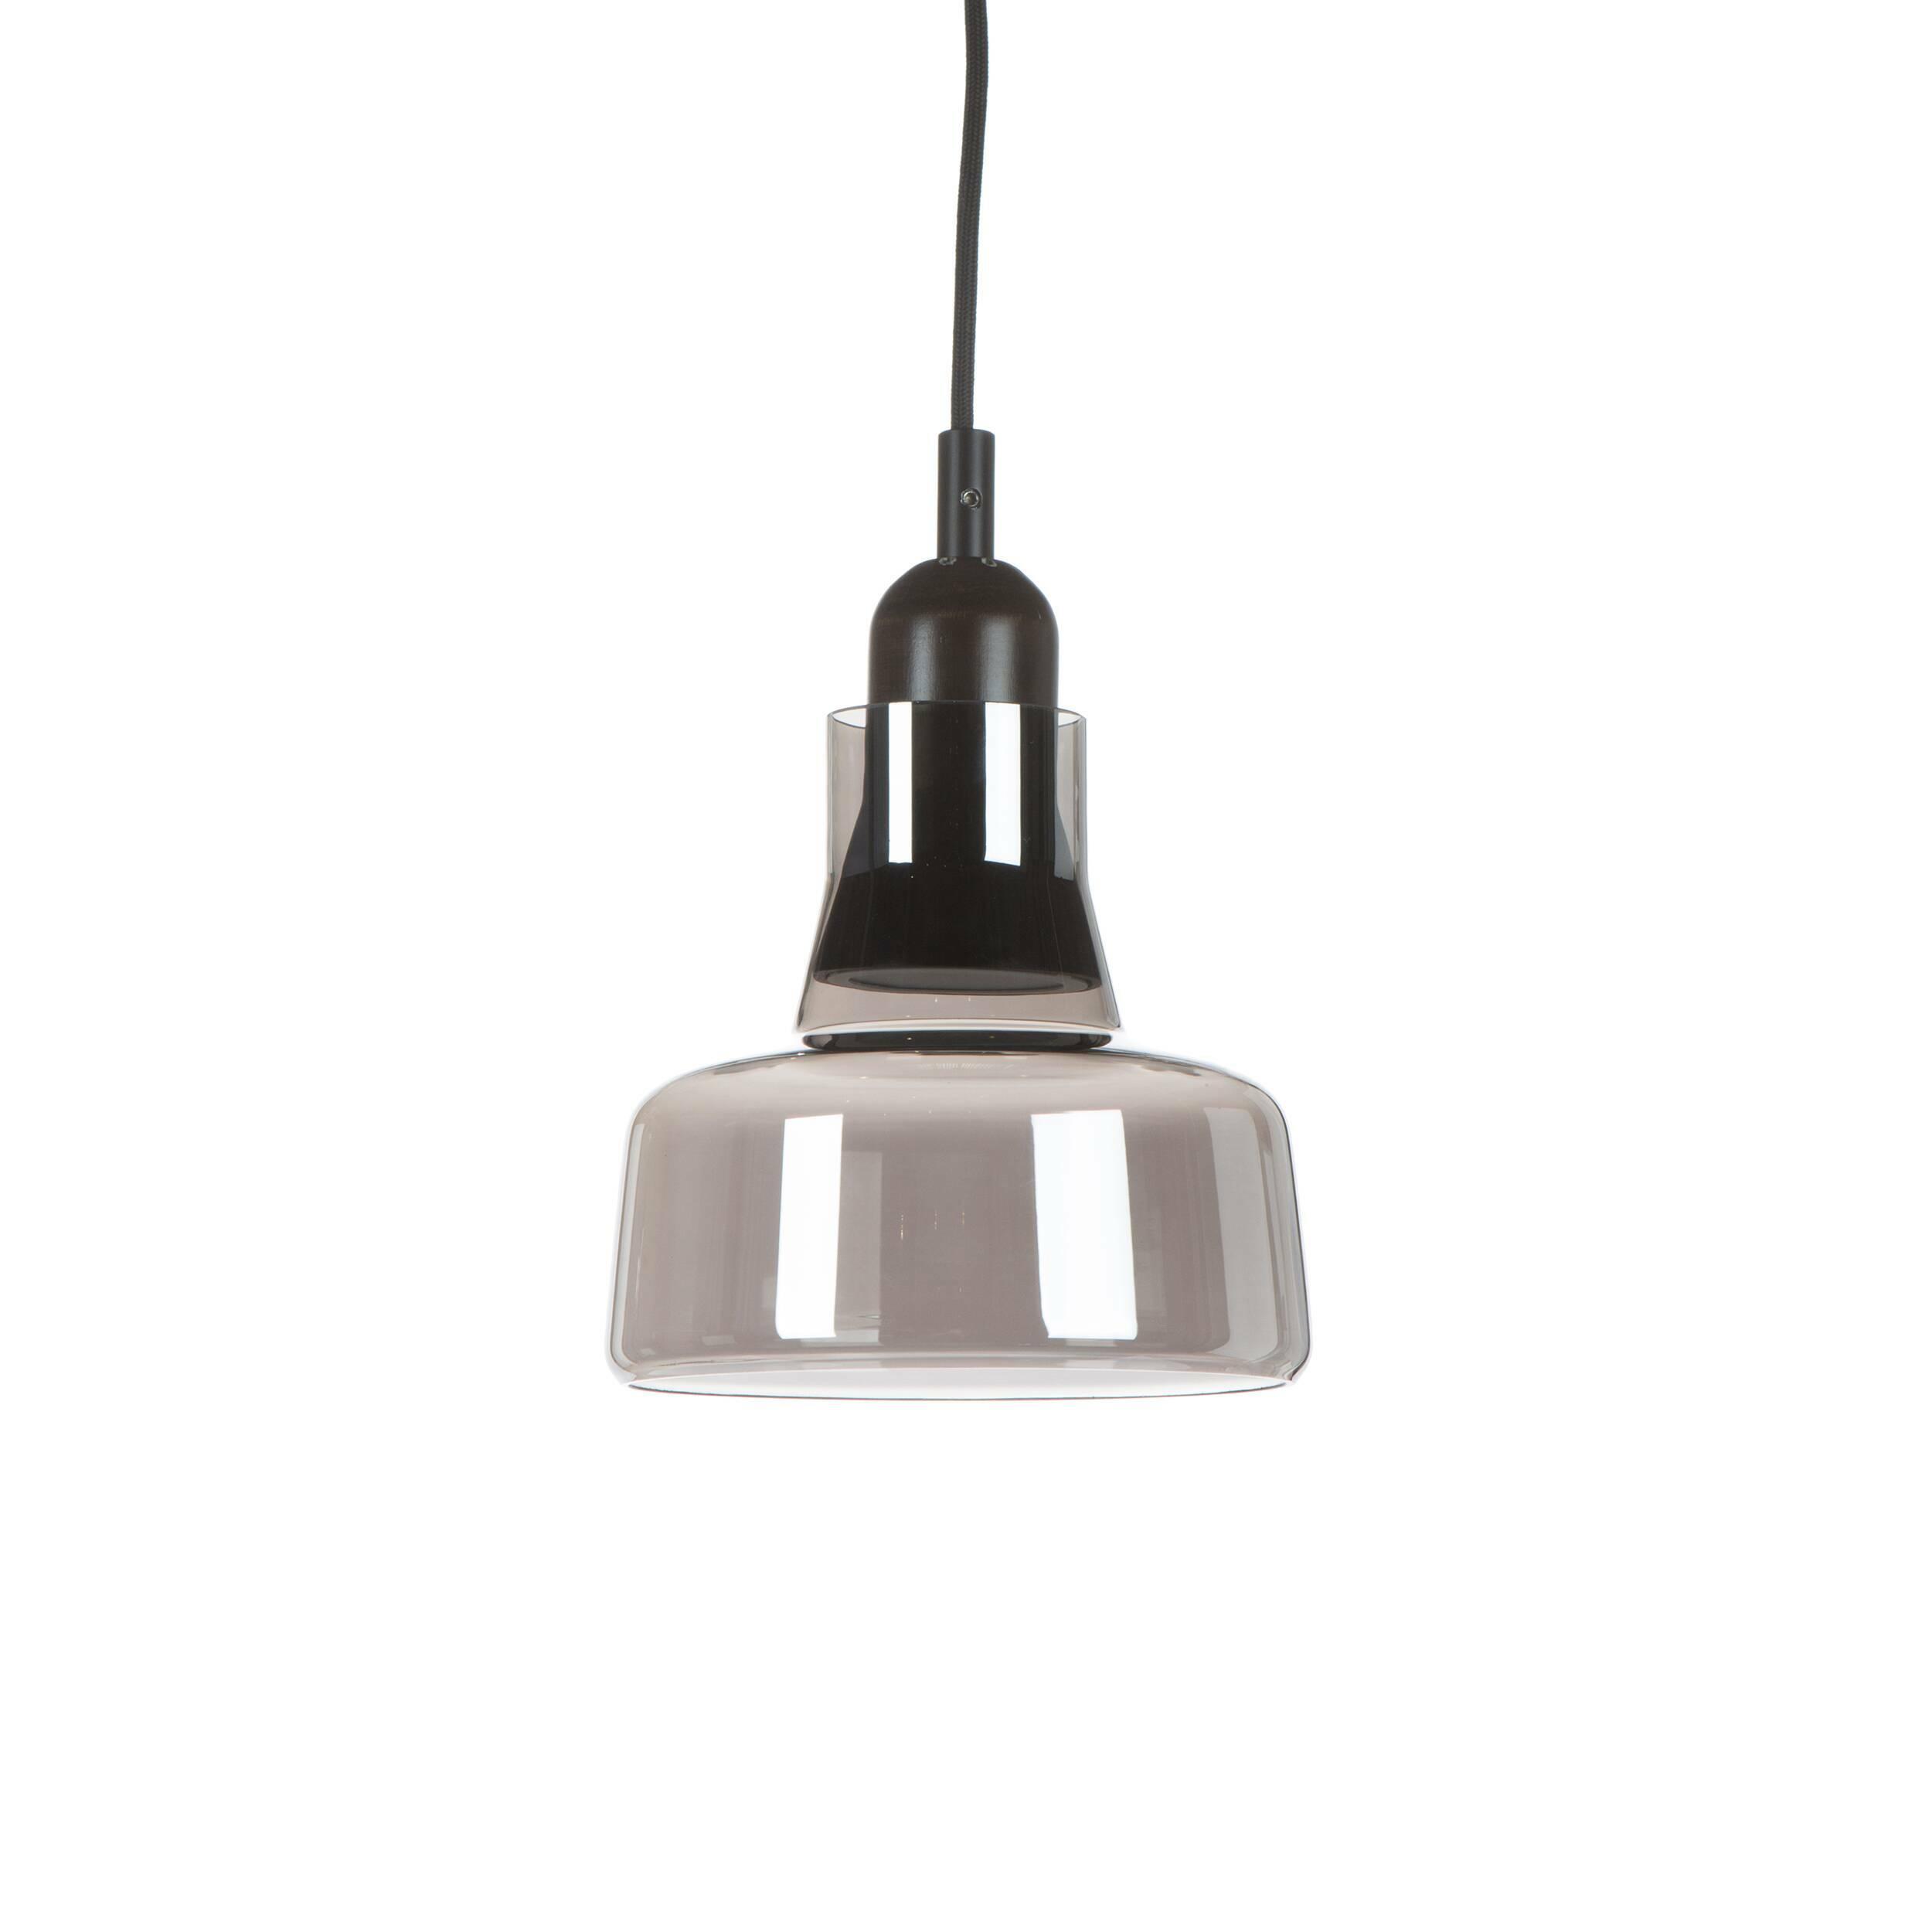 Подвесной светильник Verre диаметр 19Подвесные<br>Подвесной светильник Verre диаметр 19 составляет отличную композицию с другими светильниками из той же коллекции. Благодаря единой стилистике они прекрасно подходят для декорирования одного помещения. <br> <br> Из-за своей формы и материалов, они идеальны для помещений в стиле лофт. Лучше всего светильники серии Verre подойдут для оформления интерьера кухни. Крупный светильник Verre — подходящий вариант лампы для обеденной зоны, в то время как небольшие придутся кстати для размещения над кухонной...<br><br>stock: 0<br>Высота: 150<br>Диаметр: 19<br>Количество ламп: 1<br>Материал абажура: Стекло<br>Материал арматуры: Дерево<br>Мощность лампы: 4<br>Ламп в комплекте: Нет<br>Напряжение: 220<br>Тип лампы/цоколь: LED<br>Цвет абажура: Серый